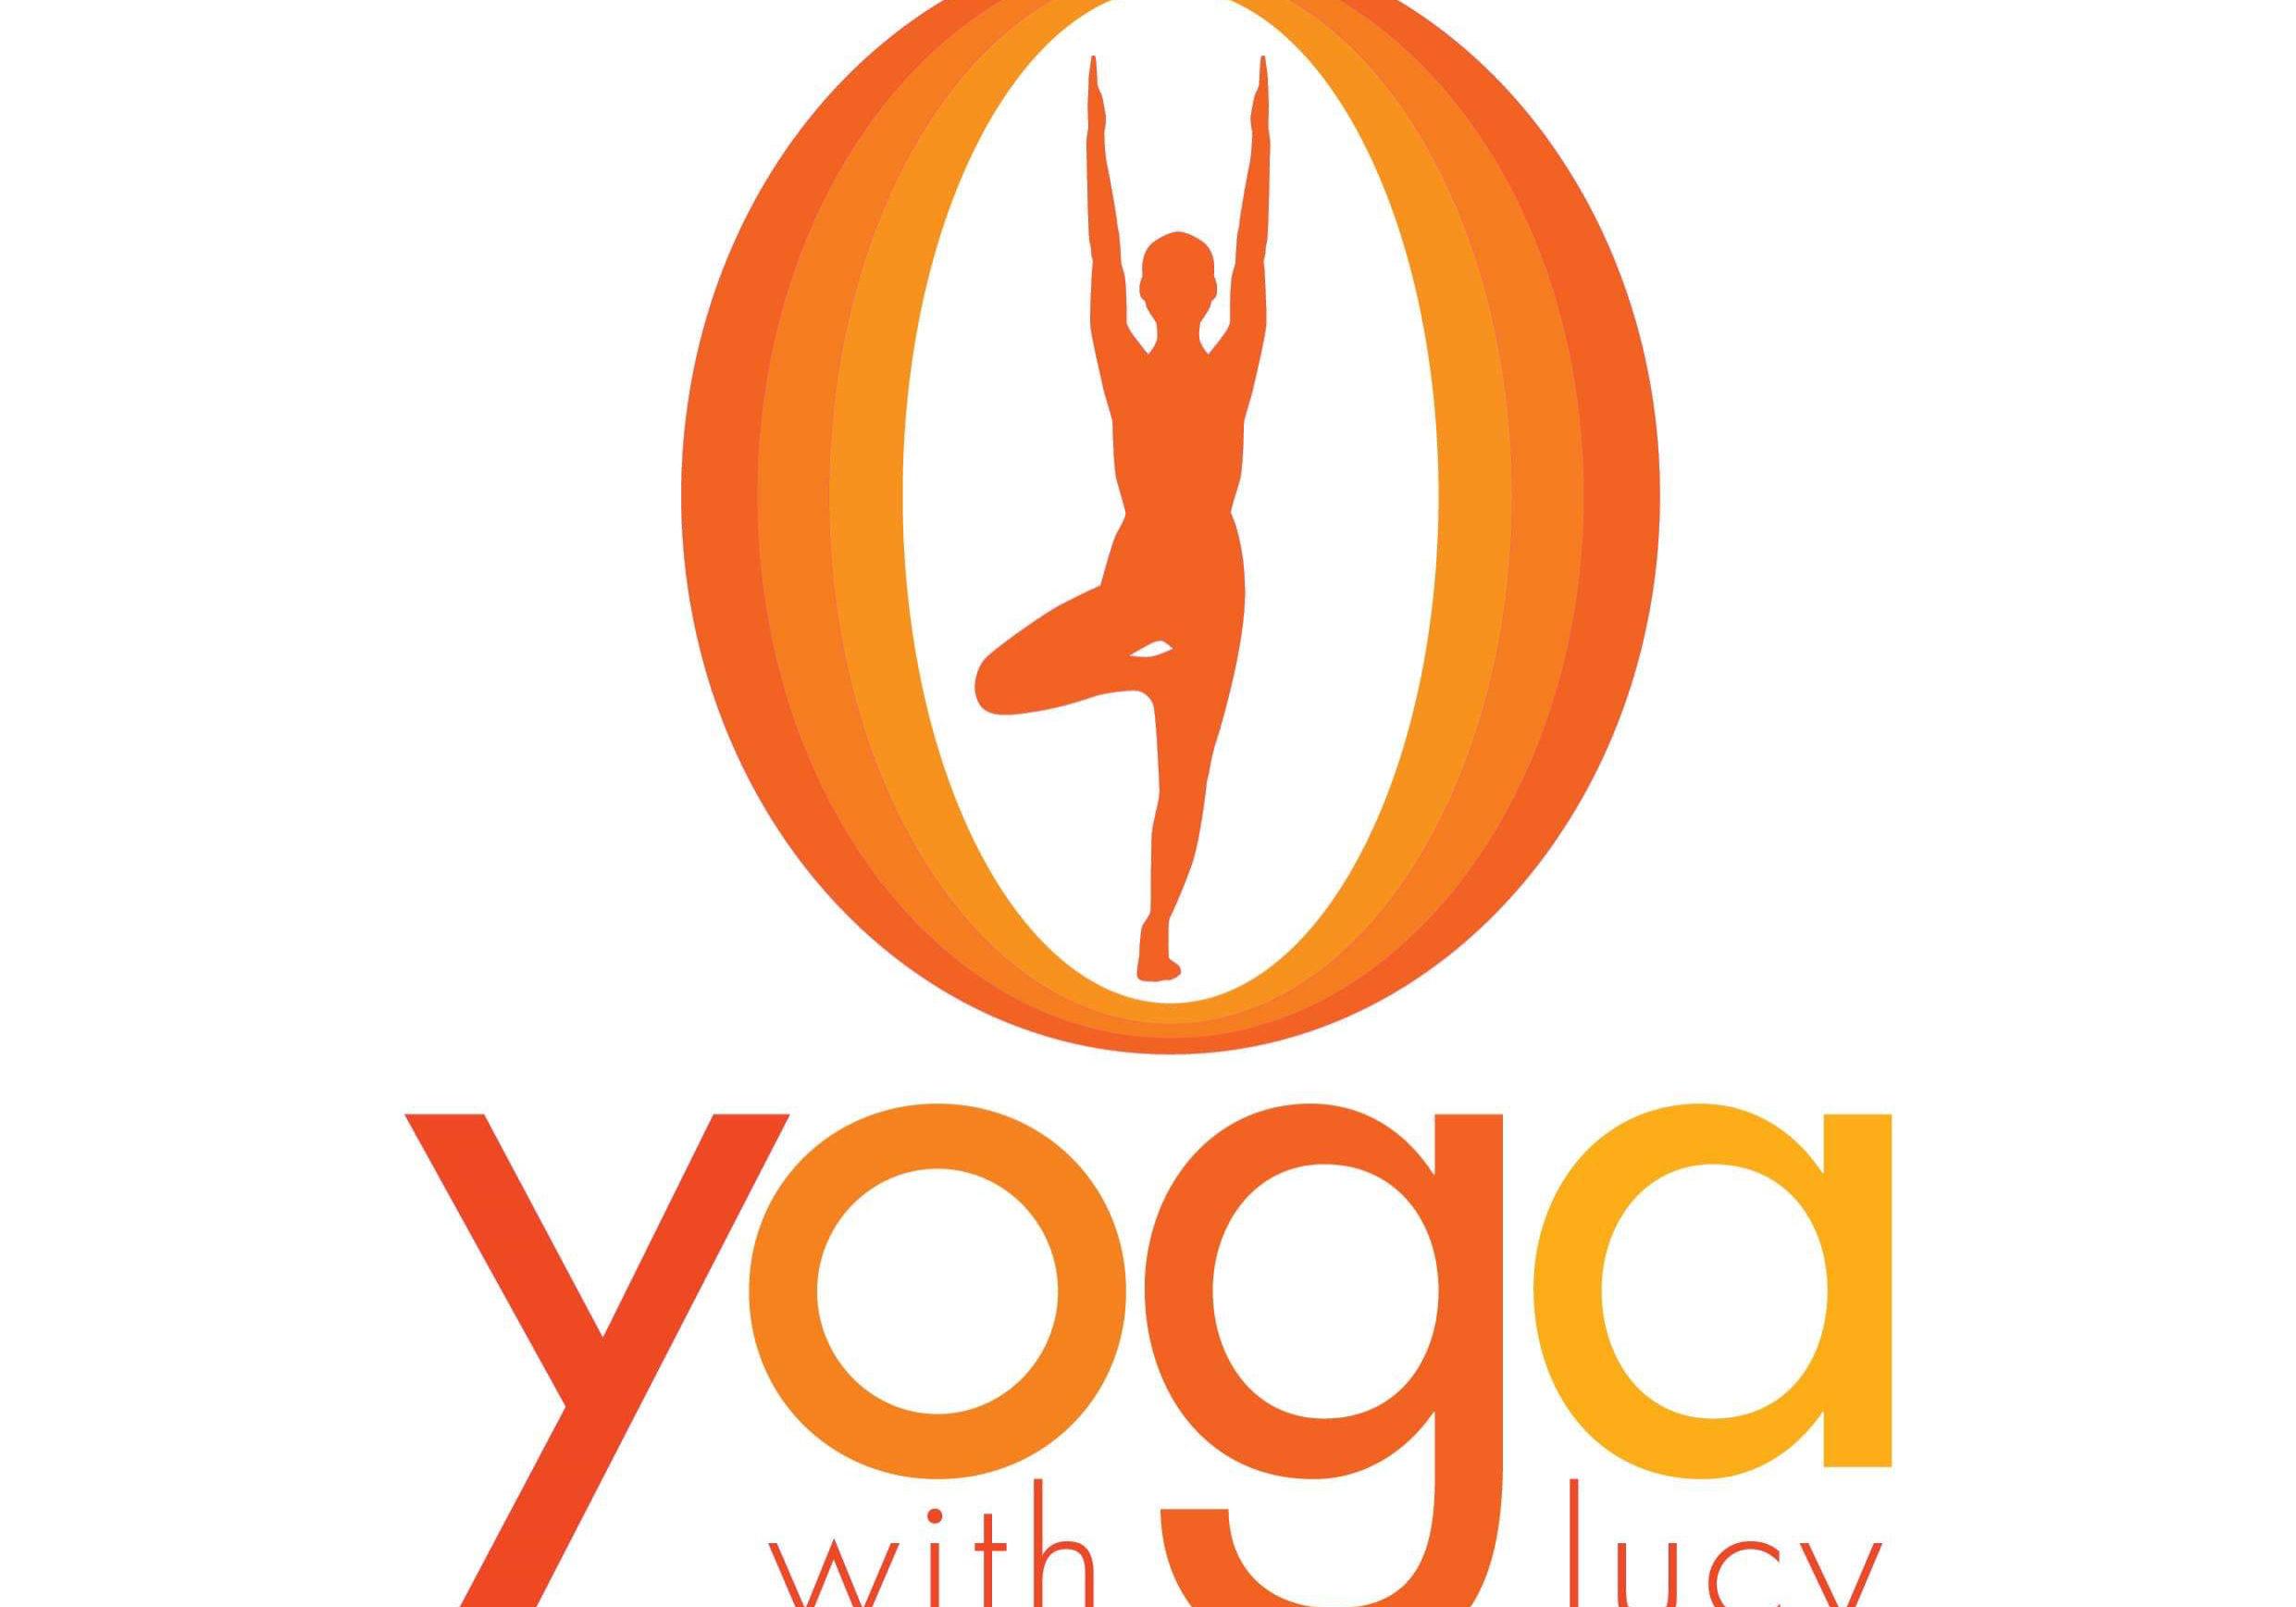 Yogawithlucyrlogo-2.jpg